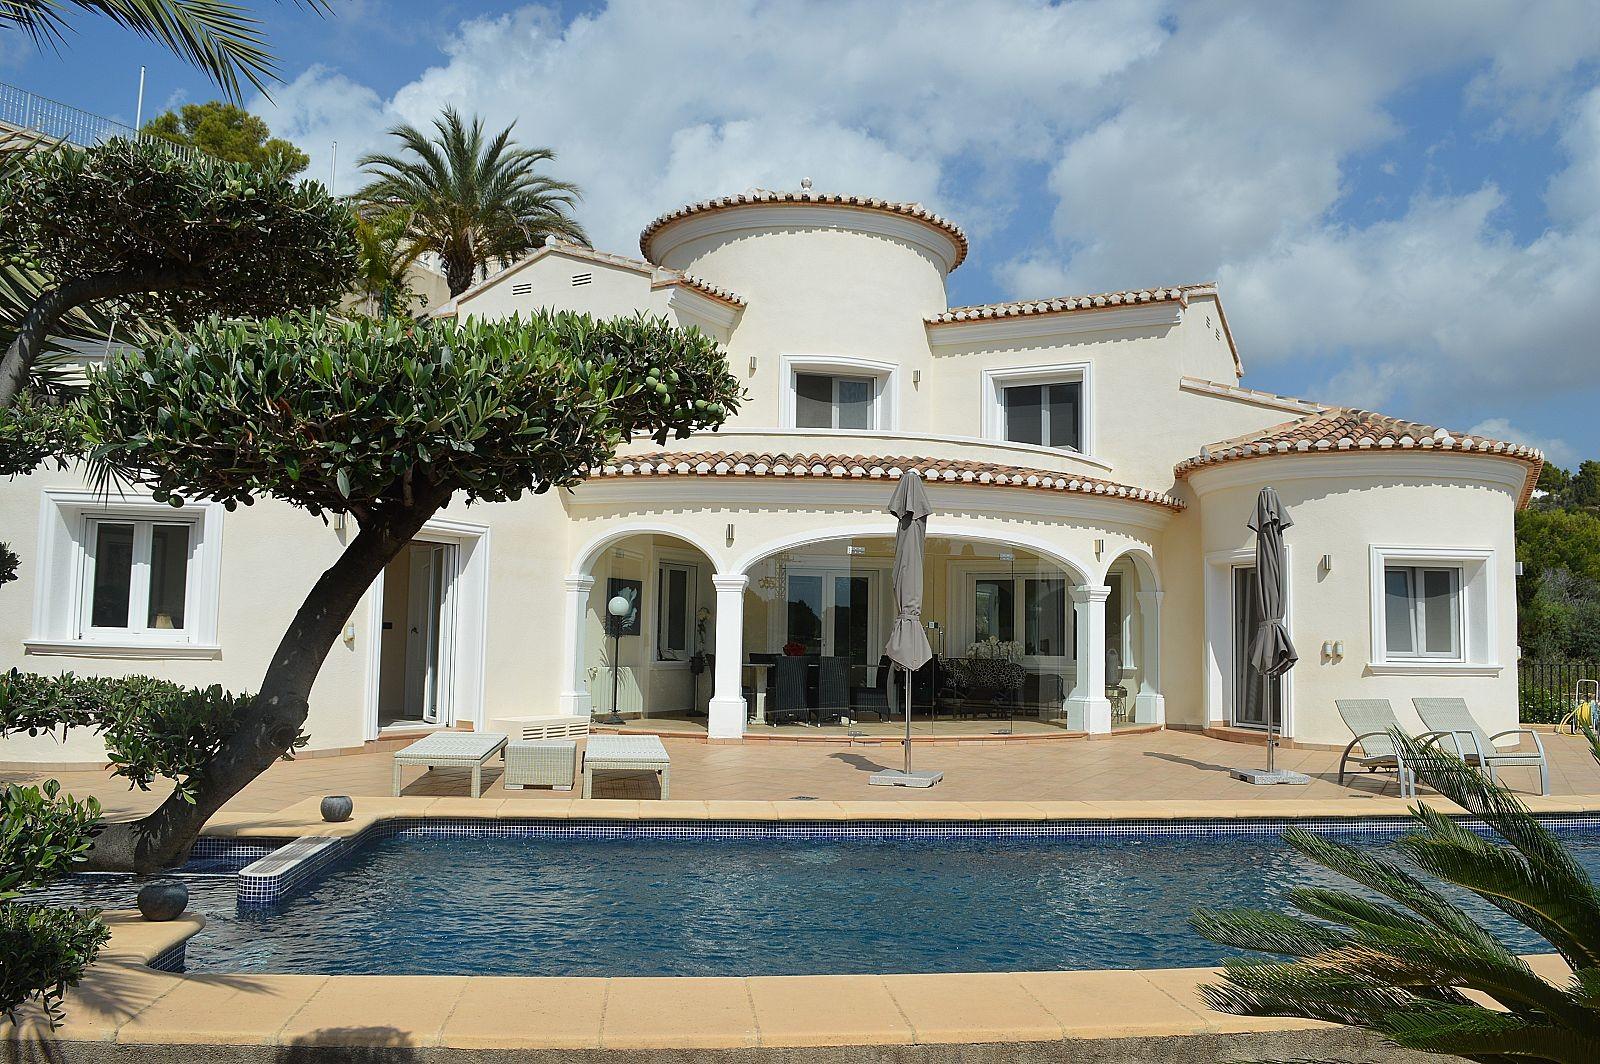 Moderne Mediterraanse Villa op toplocatie, 1.2 km van zee, privacy en groene omgeving - Max Villas